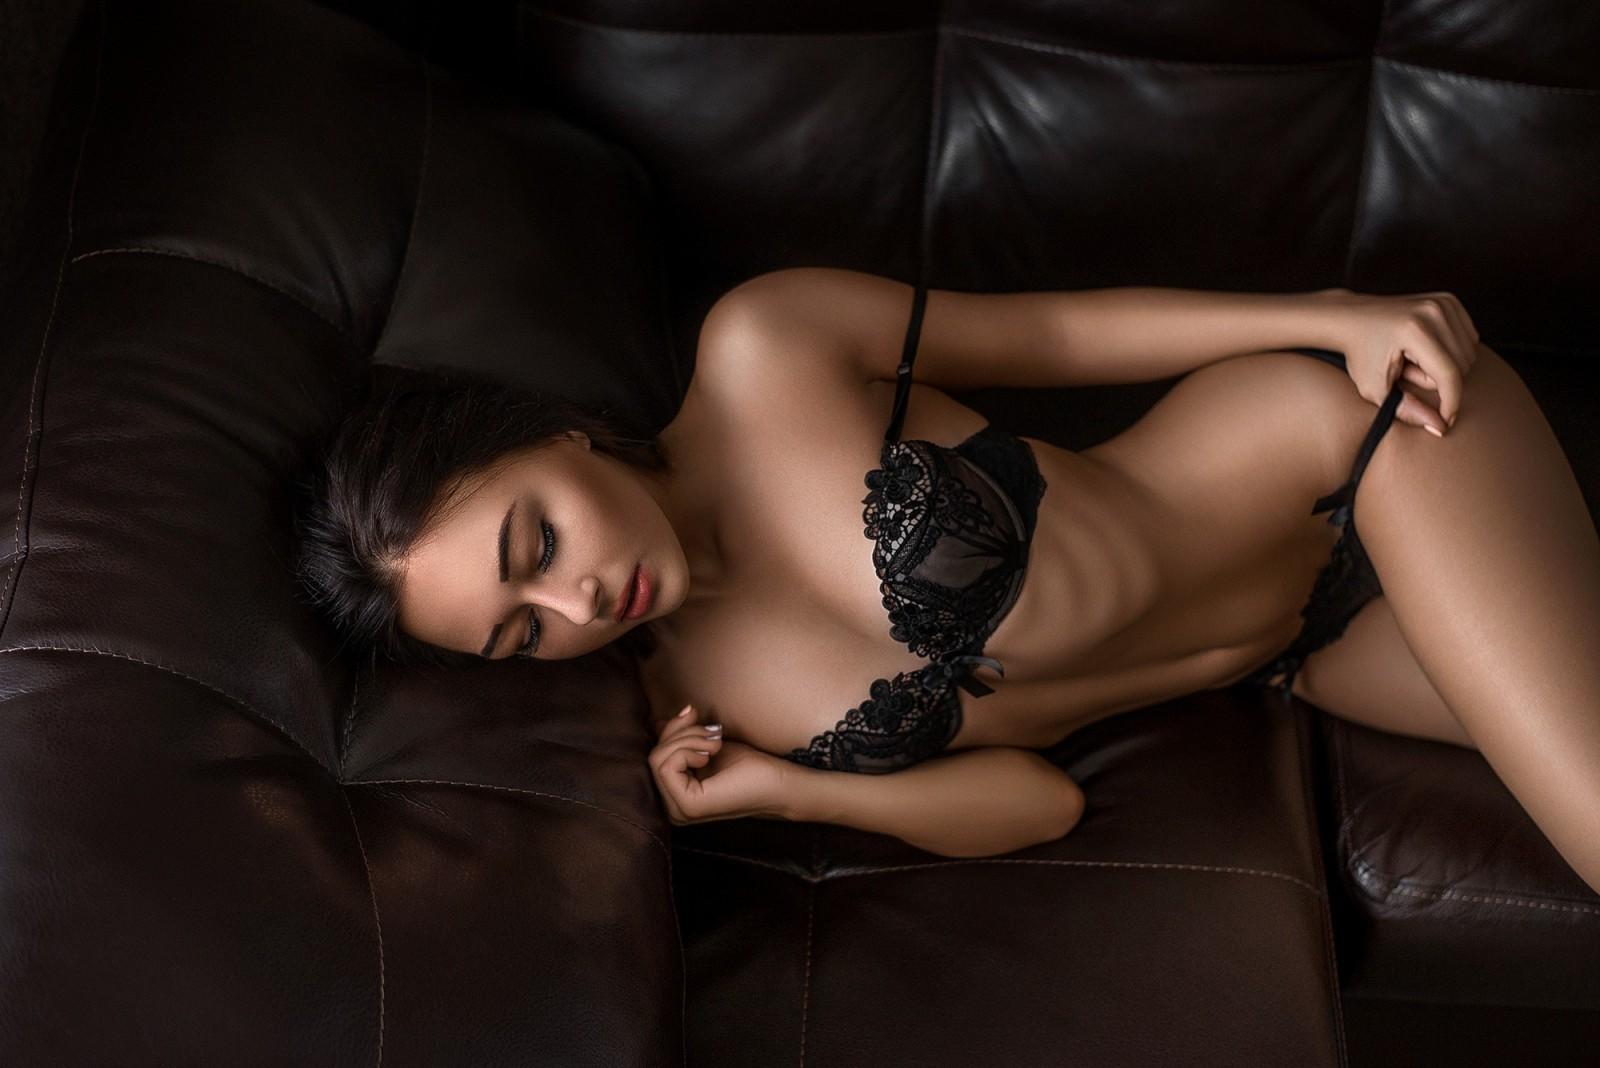 Теперь сладострастная чертовка Welli Angel спустила сексуальные трусики